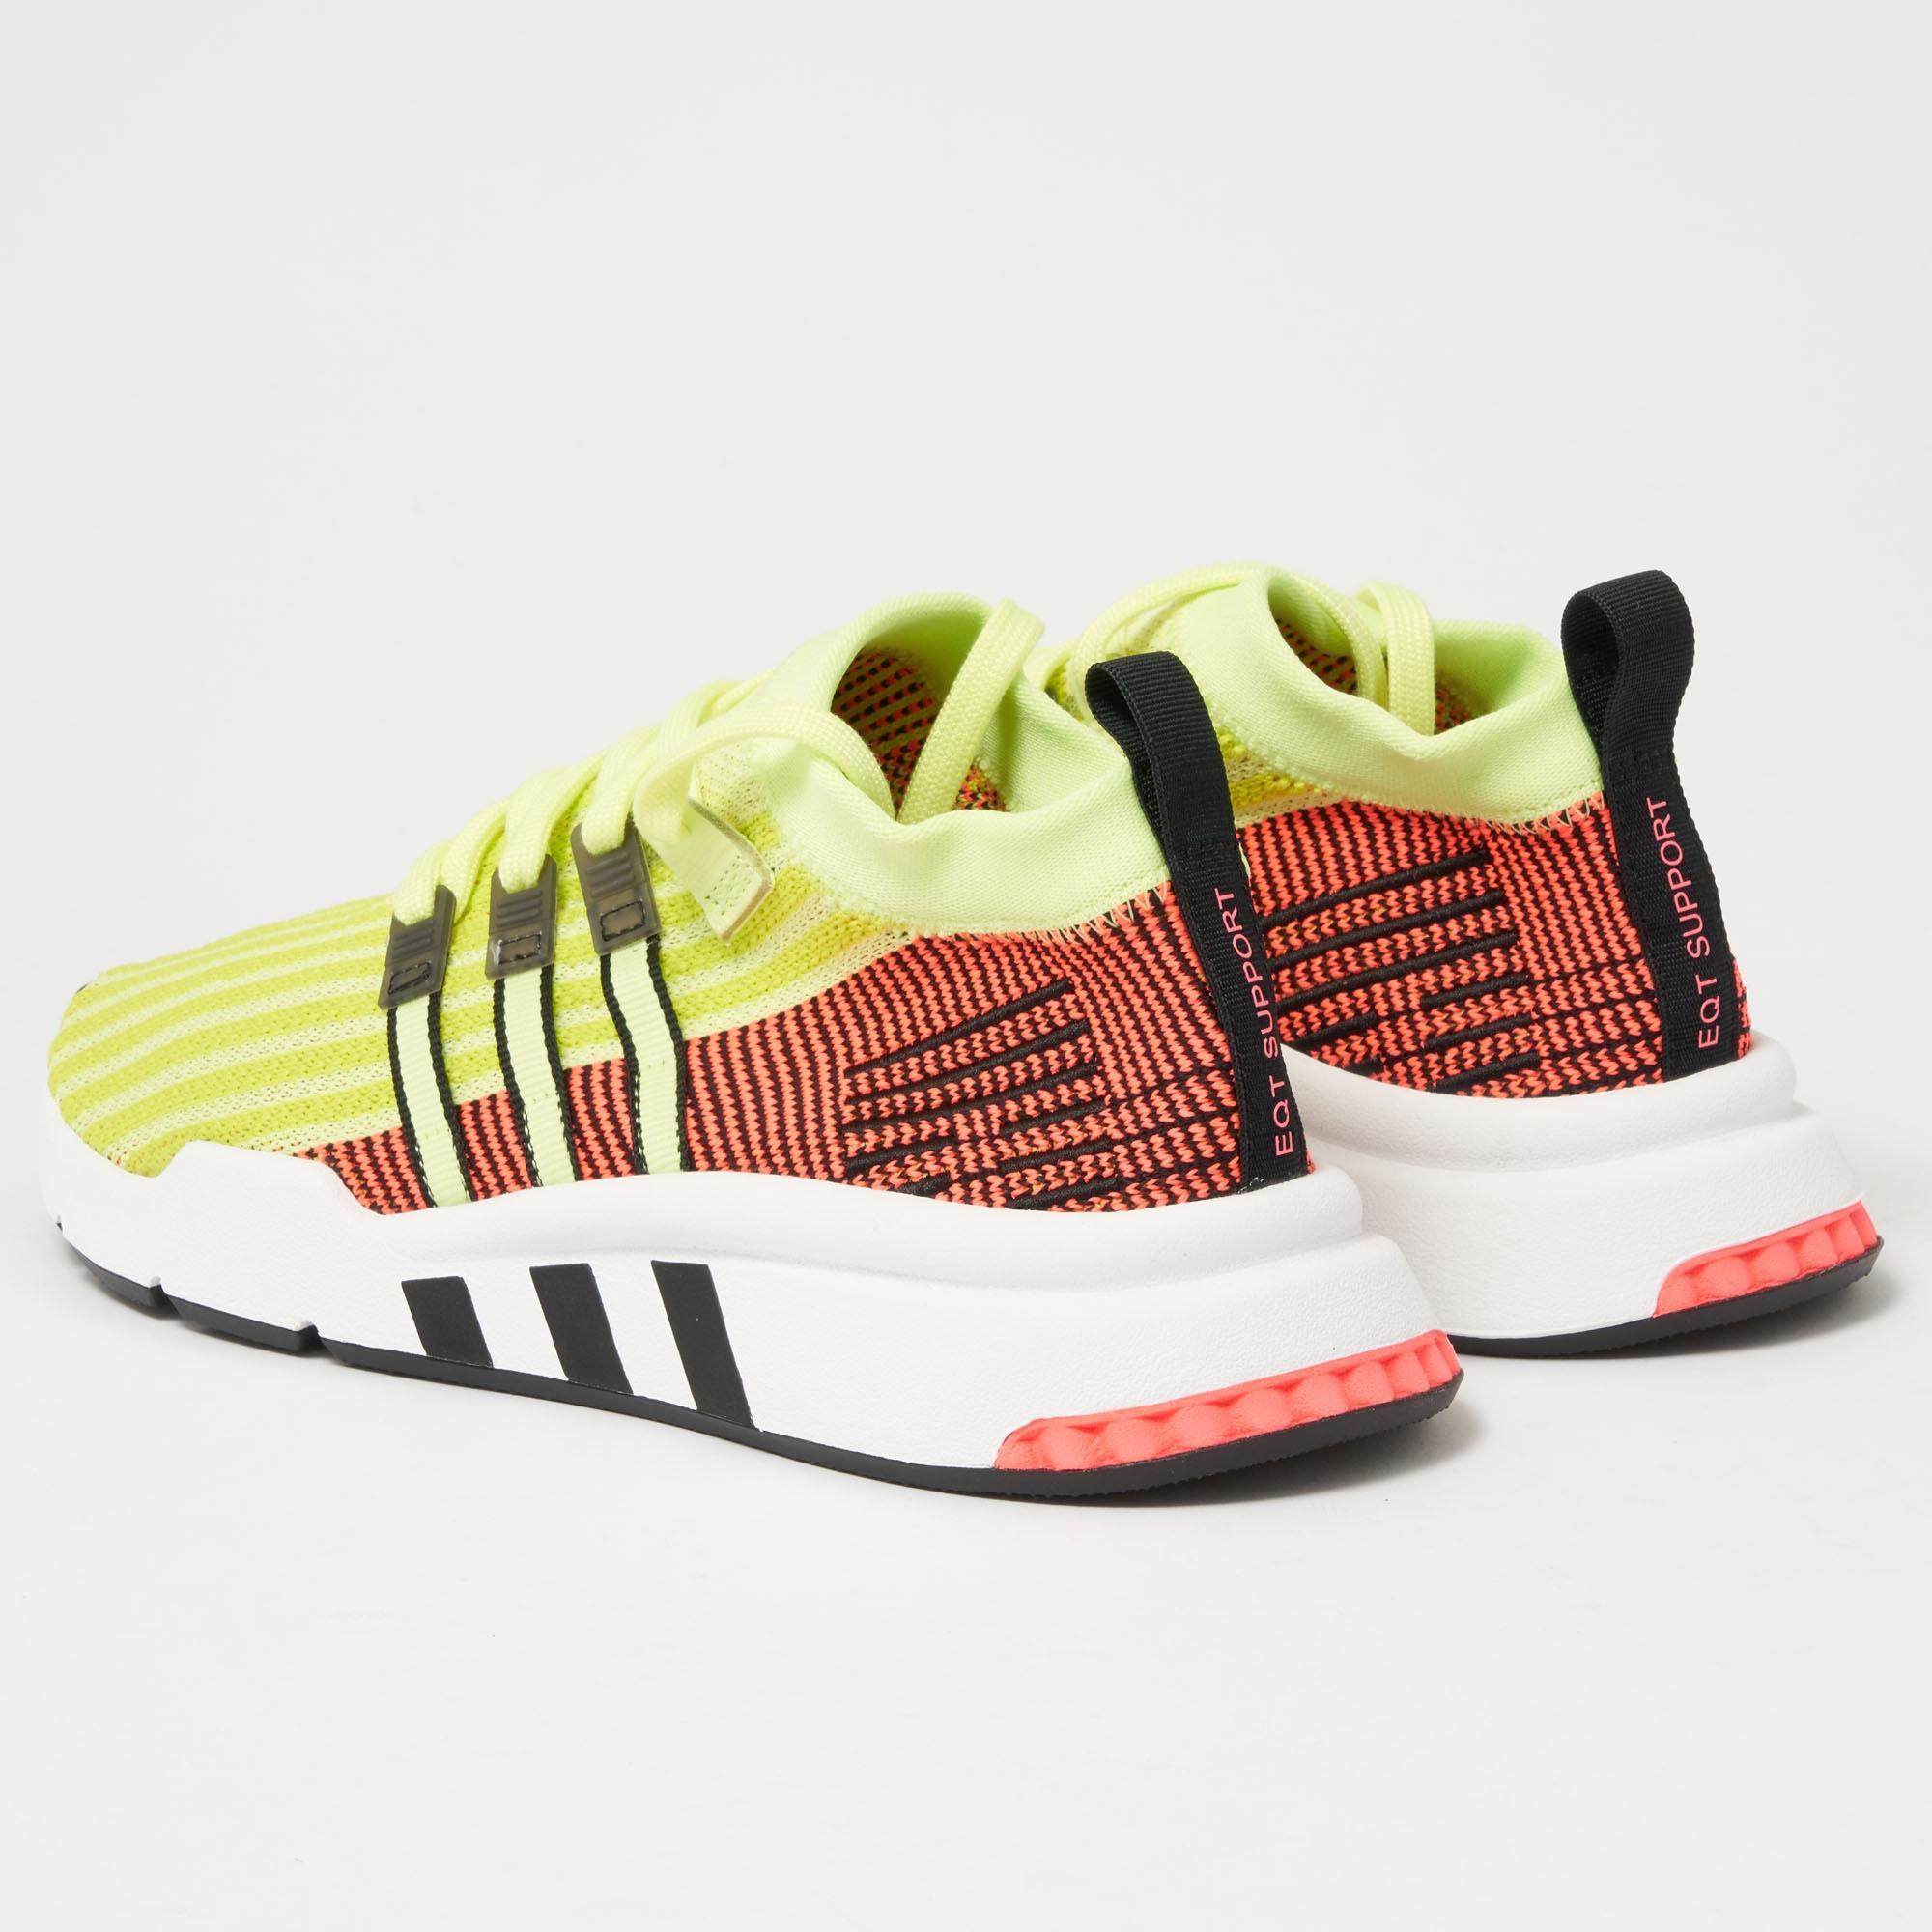 best value 44e7f 03a66 Adidas Originals - Multicolor Eqt Support Mid Adv Primeknit for Men - Lyst.  View fullscreen